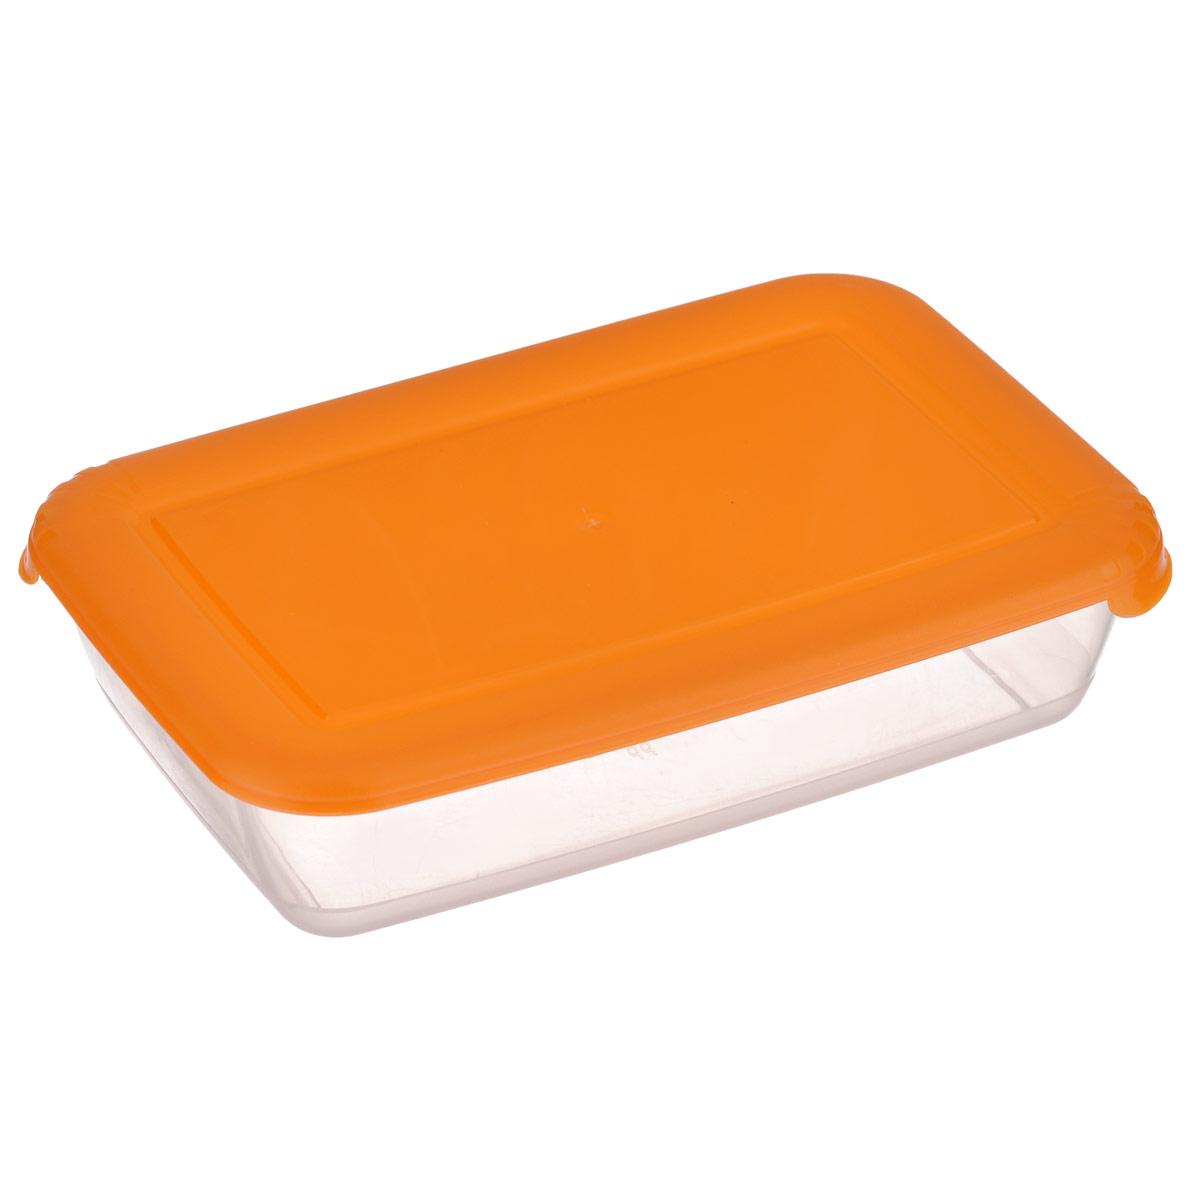 Контейнер для СВЧ Полимербыт Лайт, цвет: оранжевый, 0,45 лPT9676ГПР-16РNПрямоугольный контейнер для СВЧ Полимербыт Лайт изготовлен из высококачественного прочного пластика, устойчивого к высоким температурам (до +120°С). Цветная полупрозрачная крышка плотно закрывается, дольше сохраняя продукты свежими и вкусными. Контейнер идеально подходит для хранения пищи, его удобно брать с собой на работу, учебу, пикник или просто использовать для хранения пищи в холодильнике. Подходит для разогрева пищи в микроволновой печи и для заморозки в морозильной камере (при минимальной температуре -40°С). Можно мыть в посудомоечной машине.